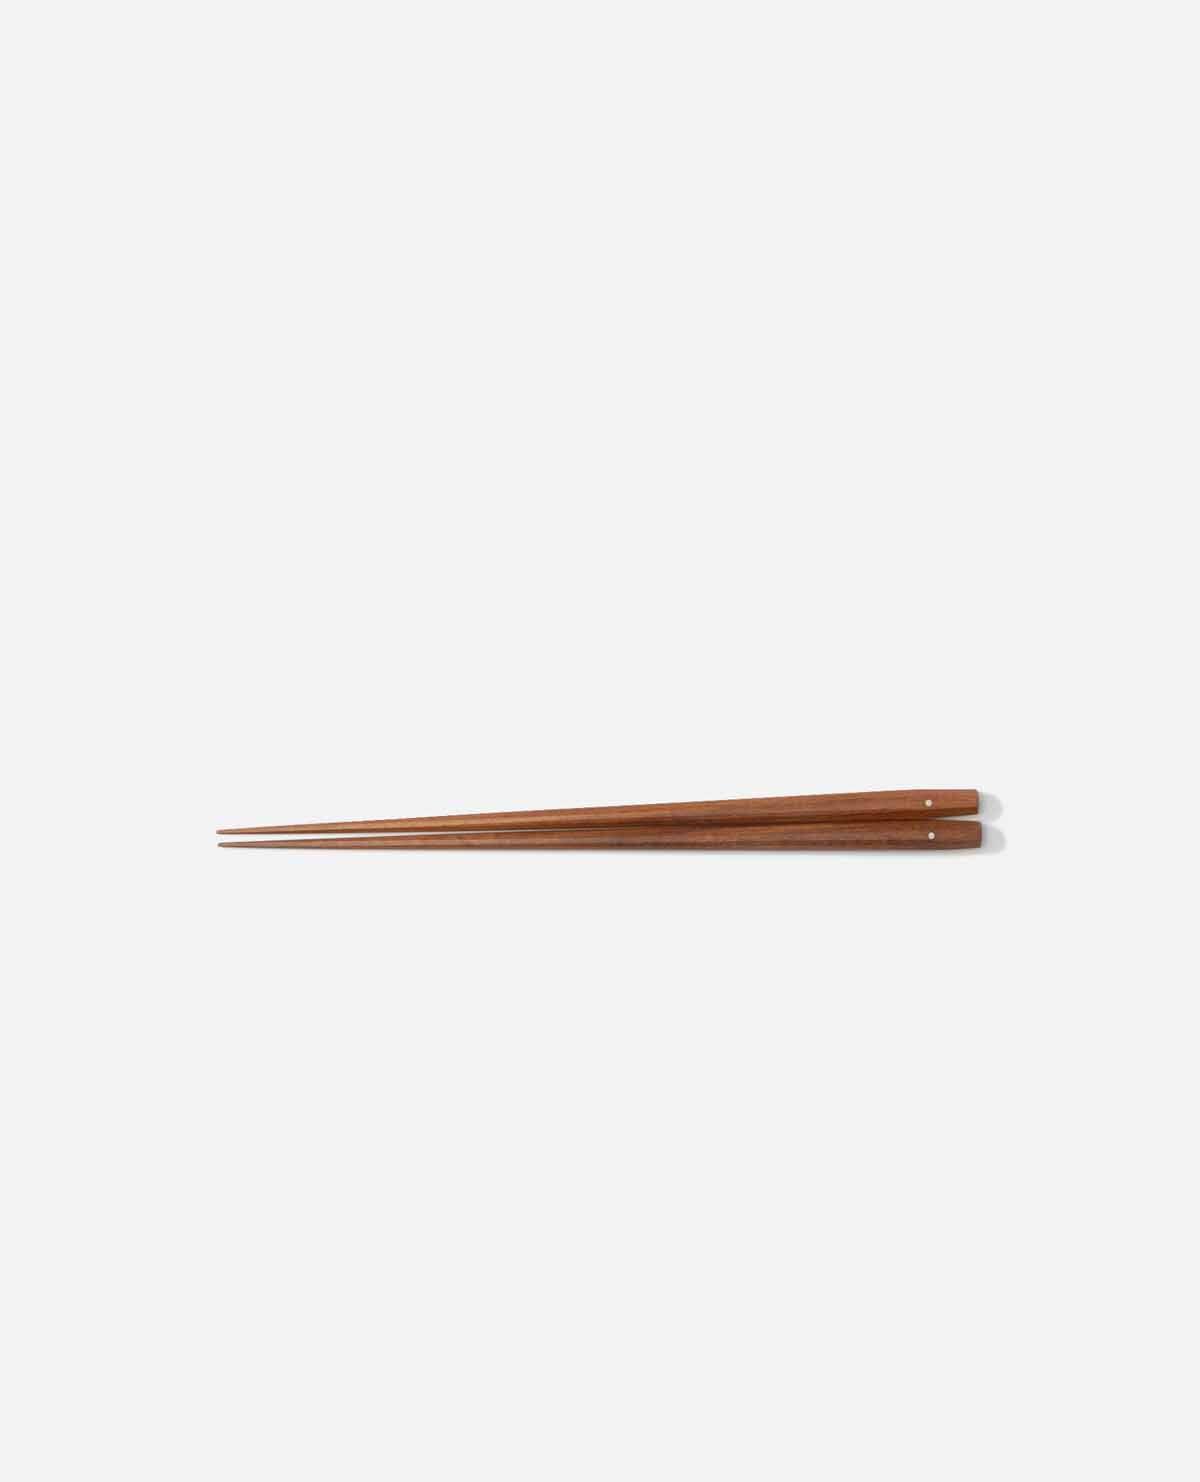 極上 十六角箸 紫檀 225mm